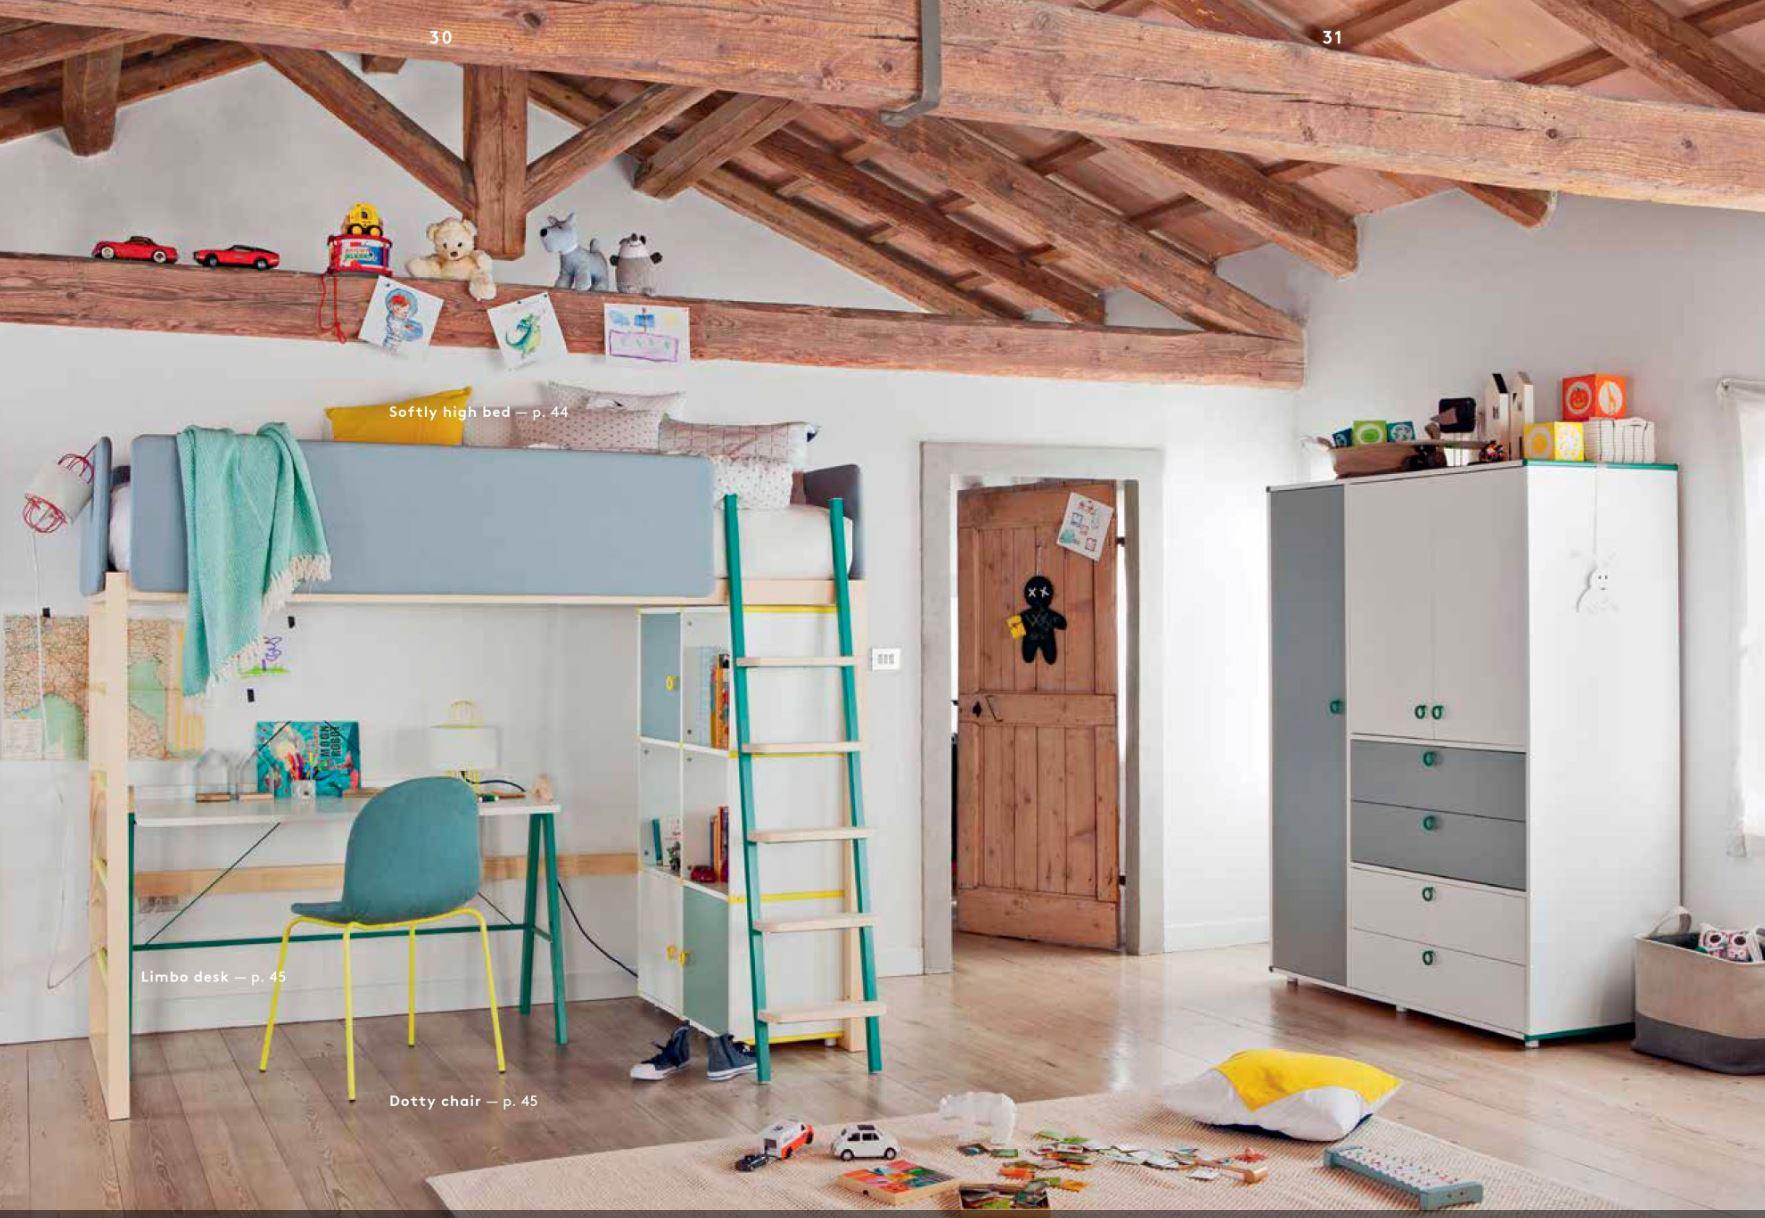 Kid Bedroom - dot cross 02 - Copie.JPG